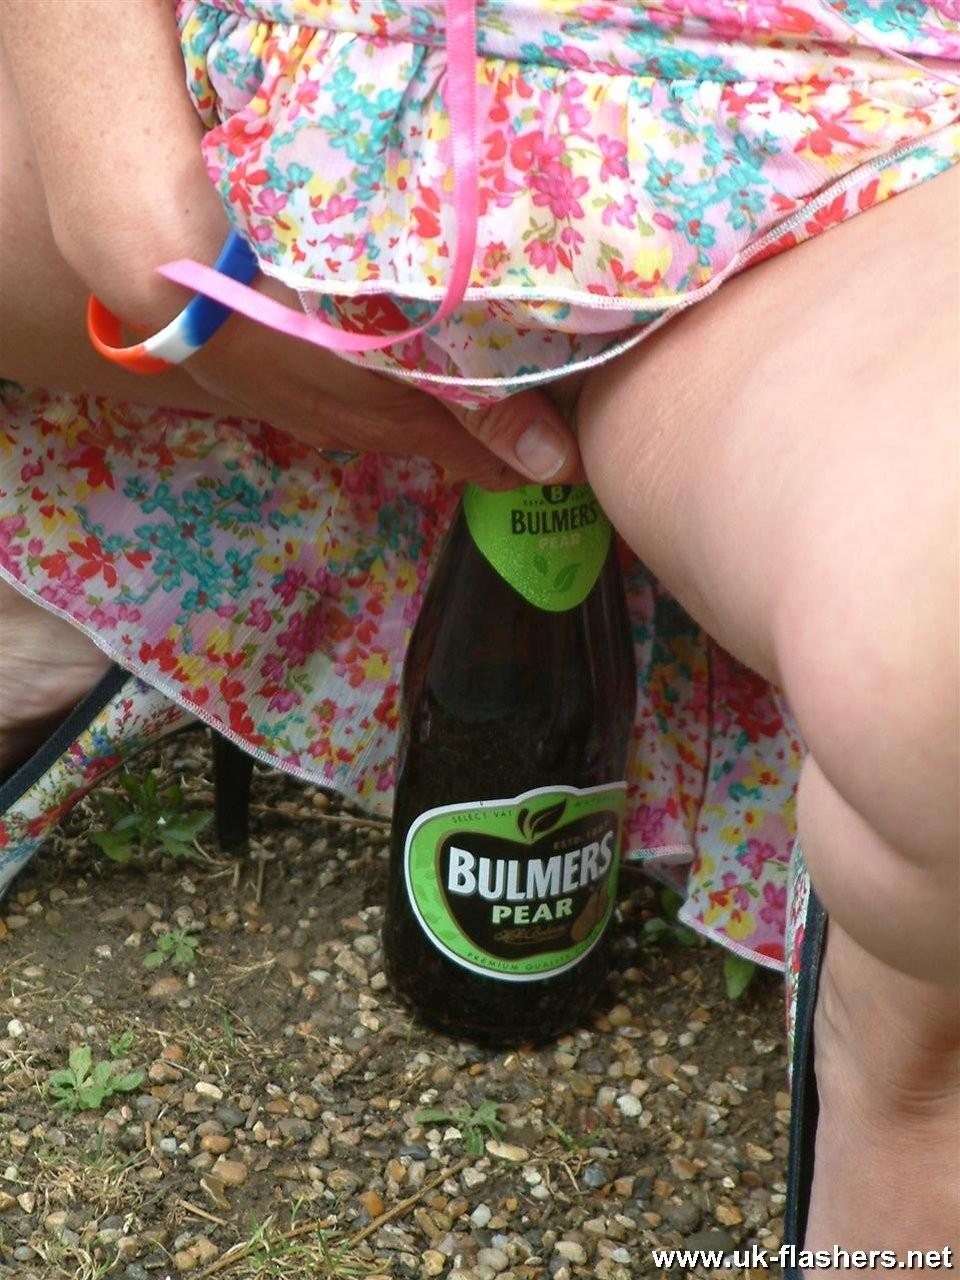 Женщина сначала просто приподнимает платье, чтоб показать пизду, а затем насаживается на стеклянную бутылку